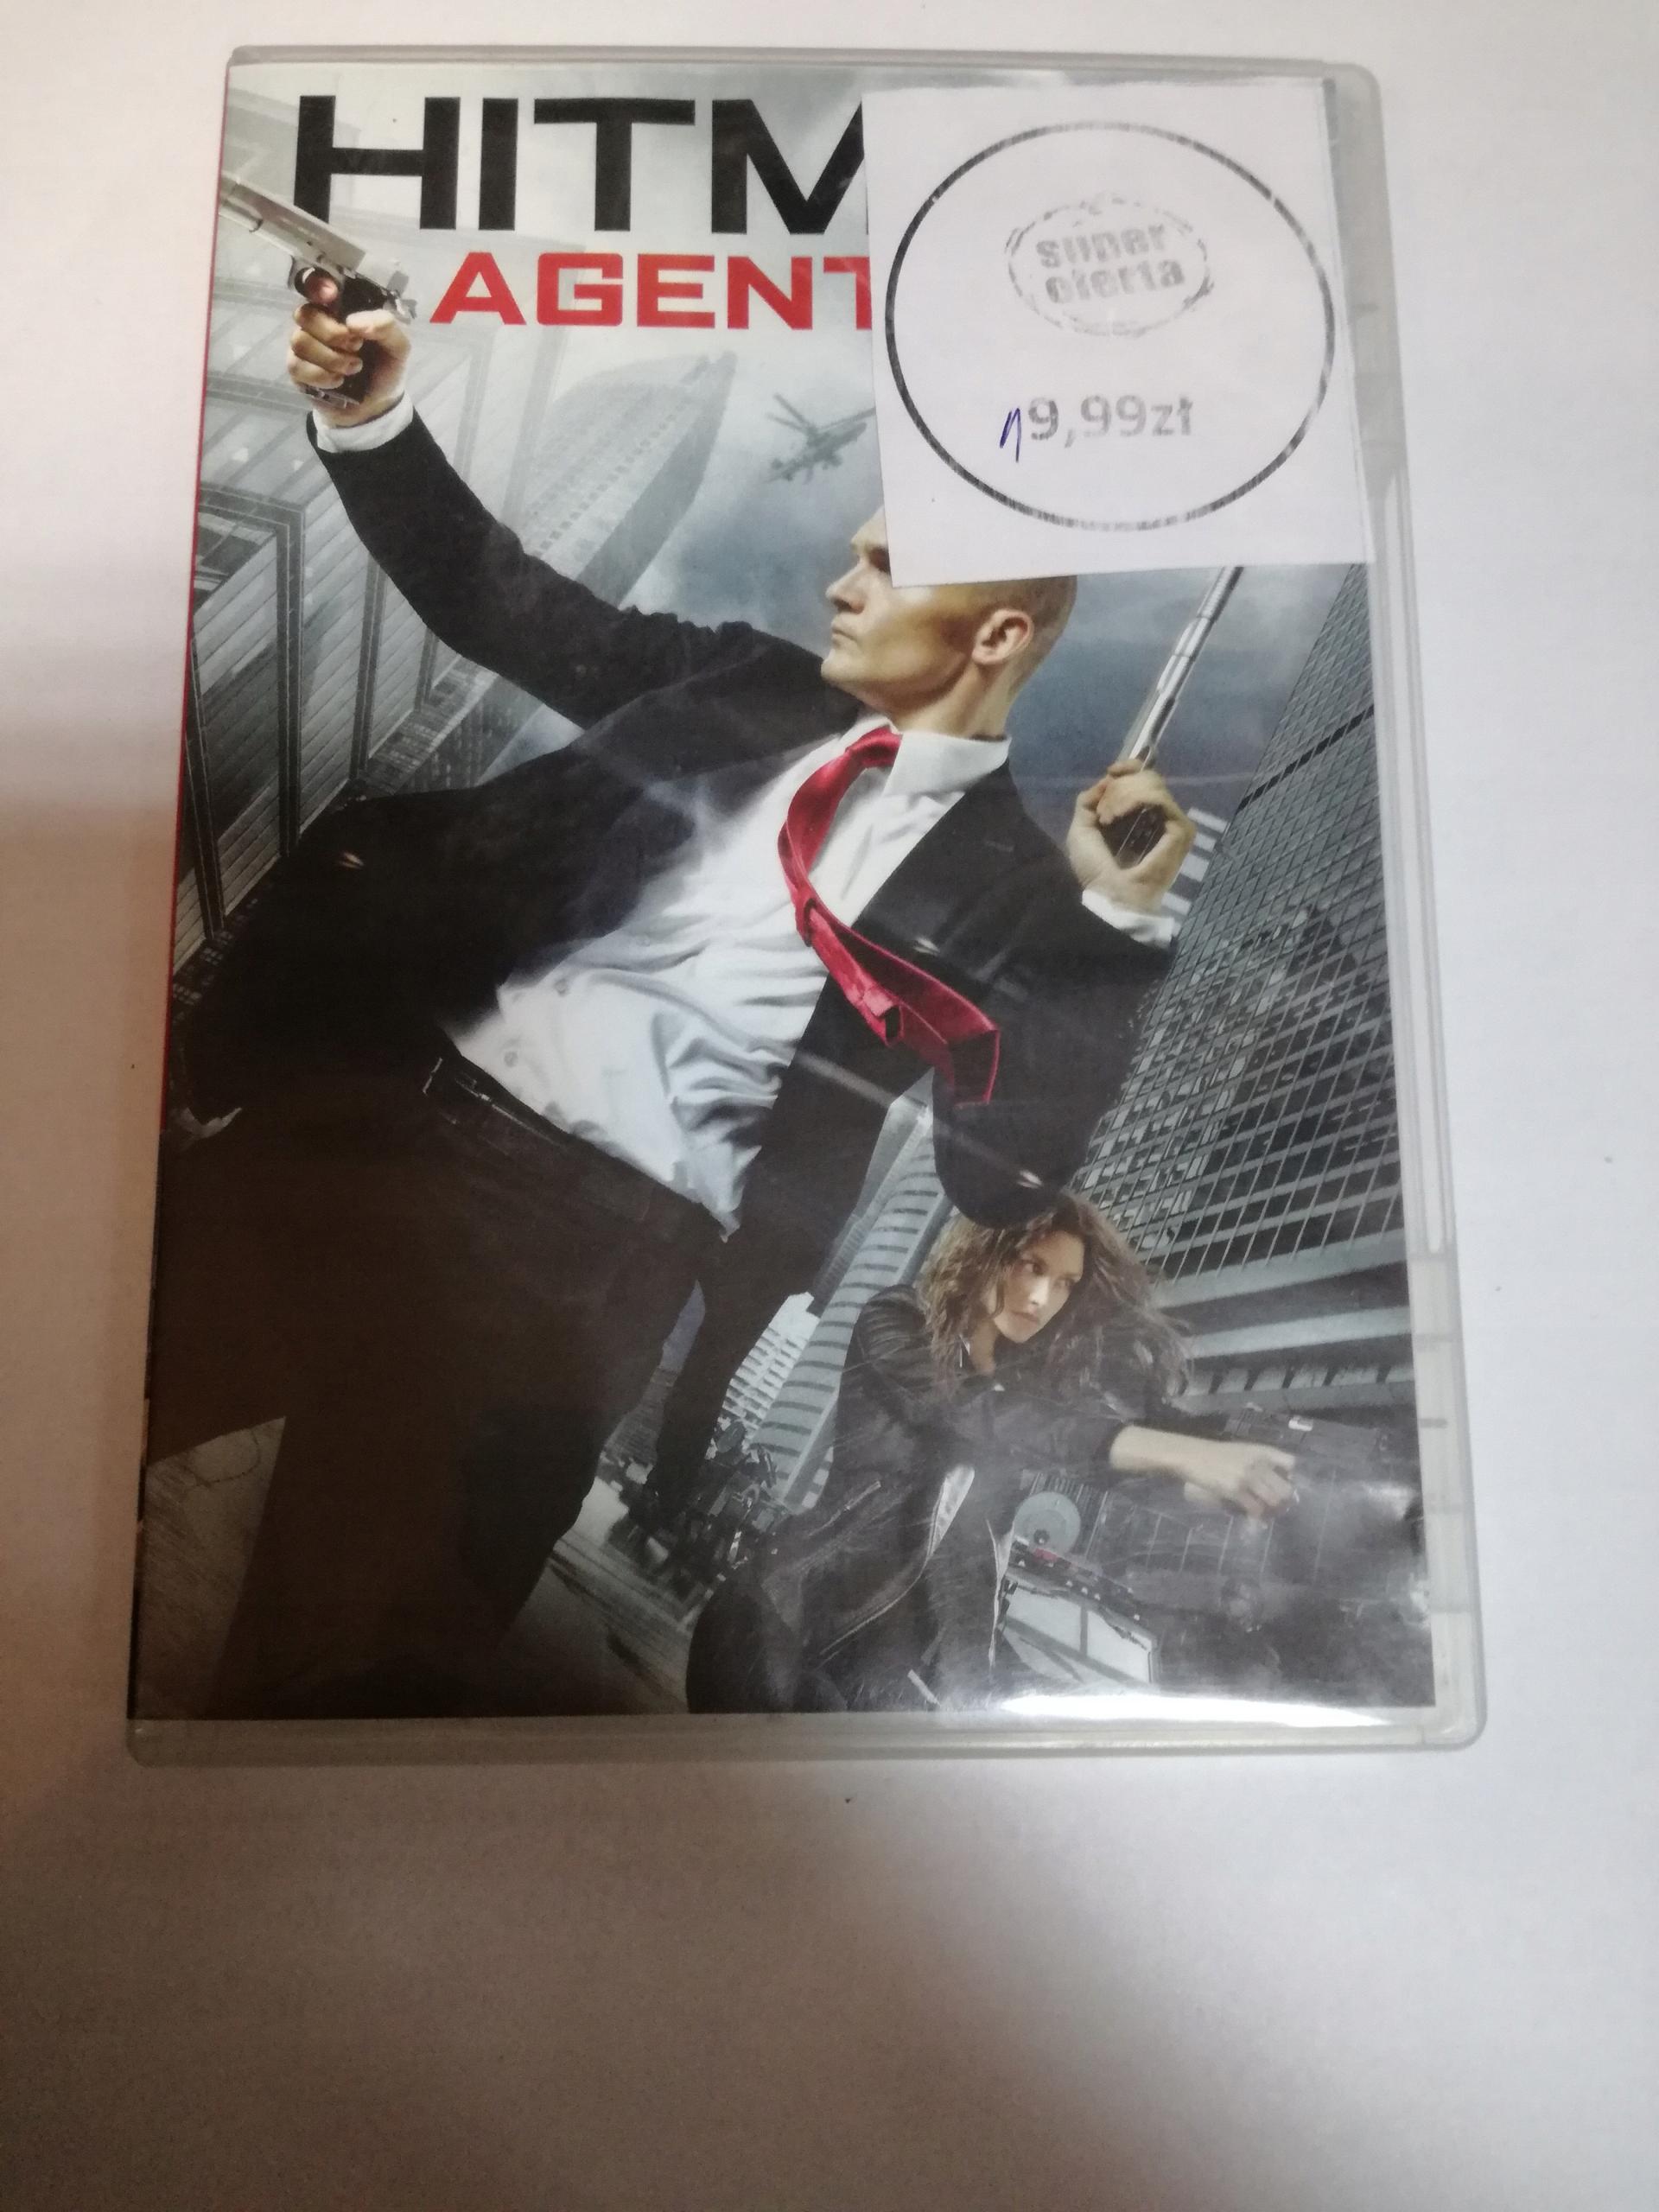 HITMAN AGENT Dvd Sklep Videoteka Tychy